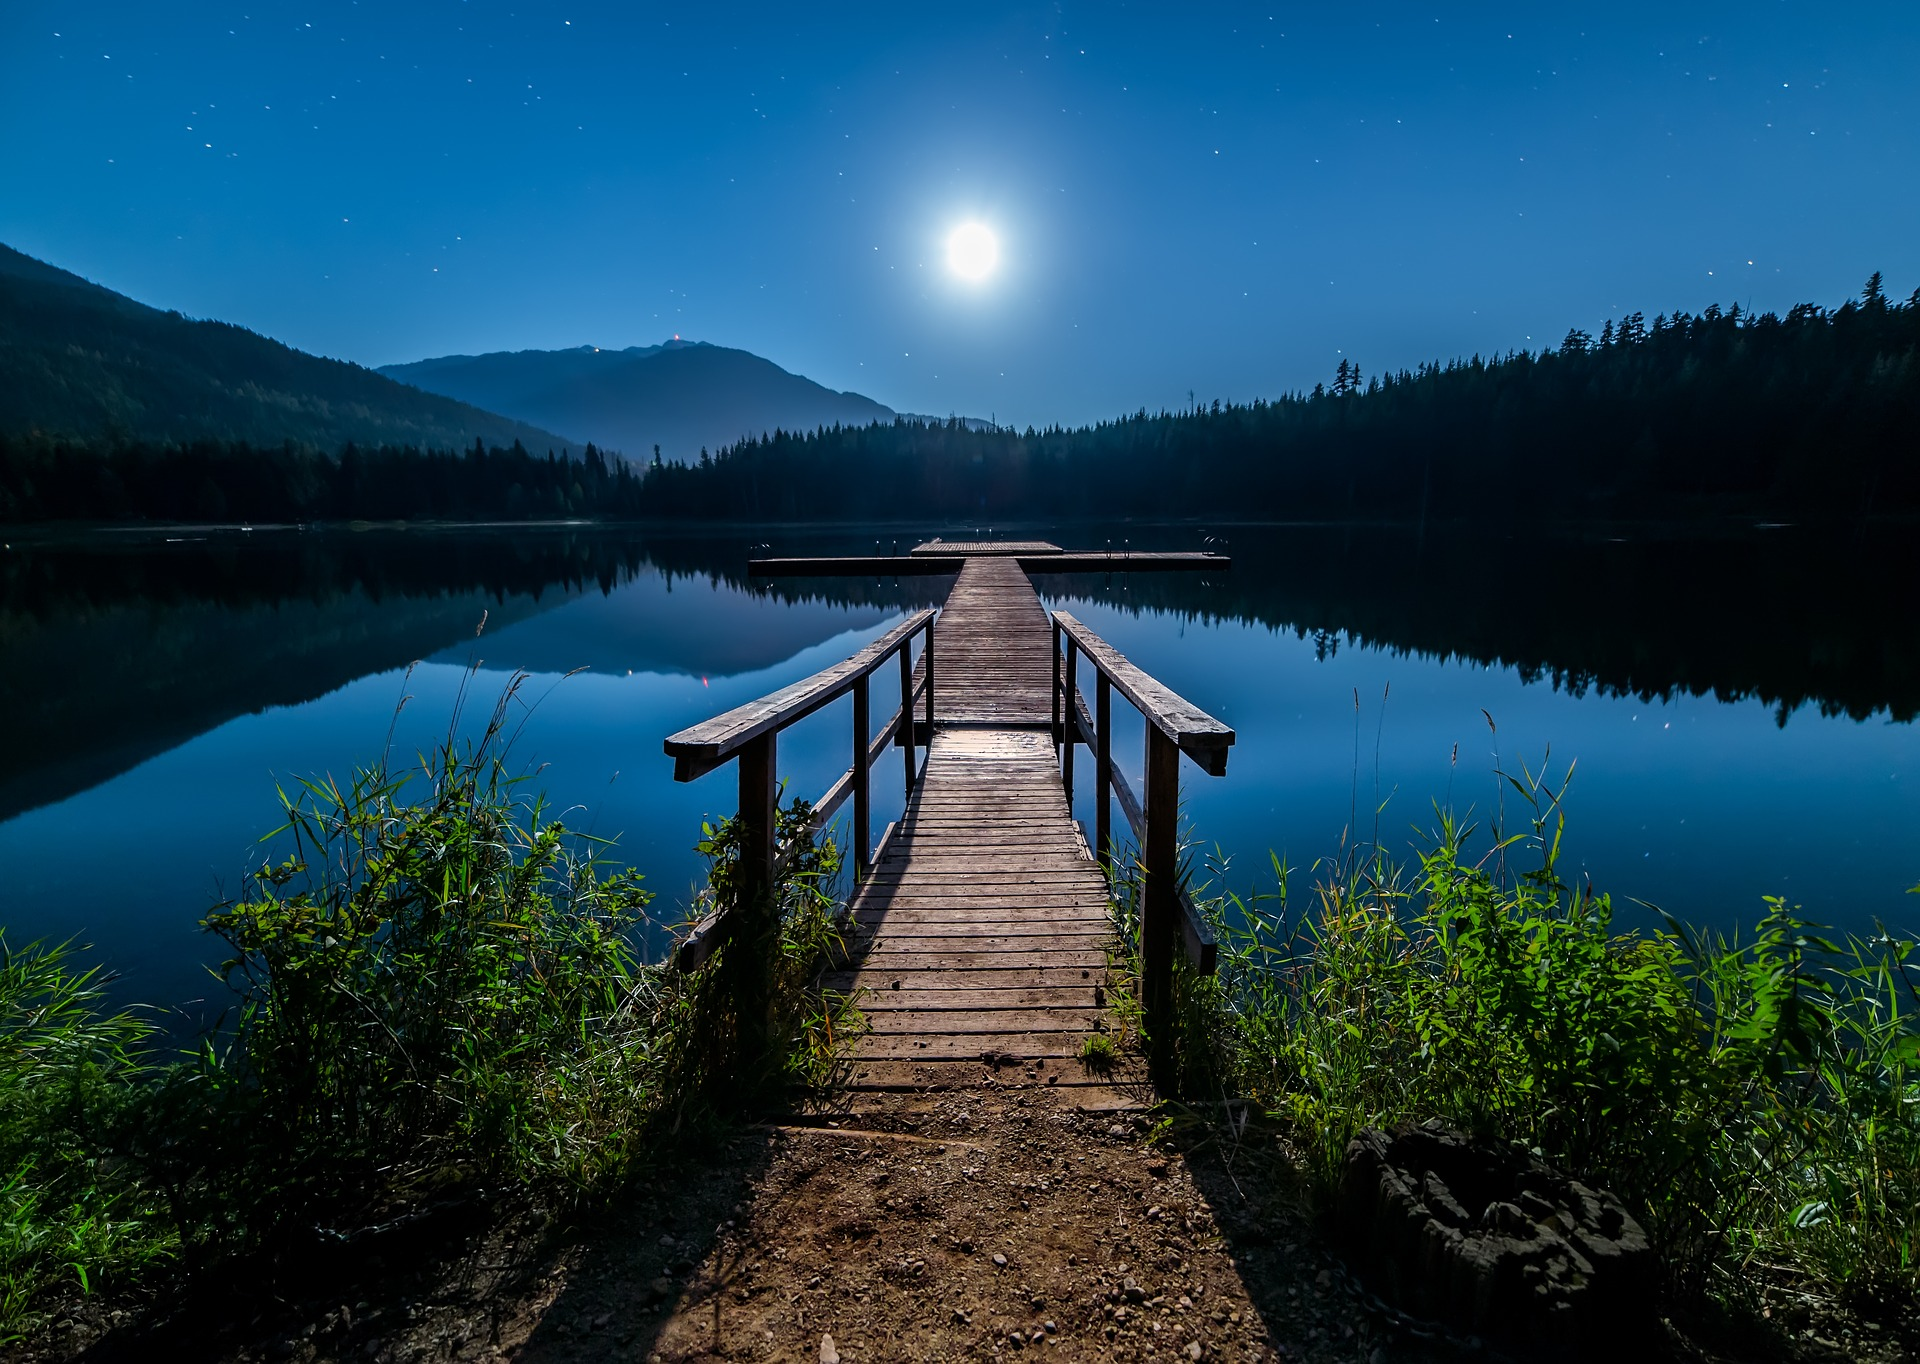 غروب ماه بر روی دریاچه ای در انگلستان